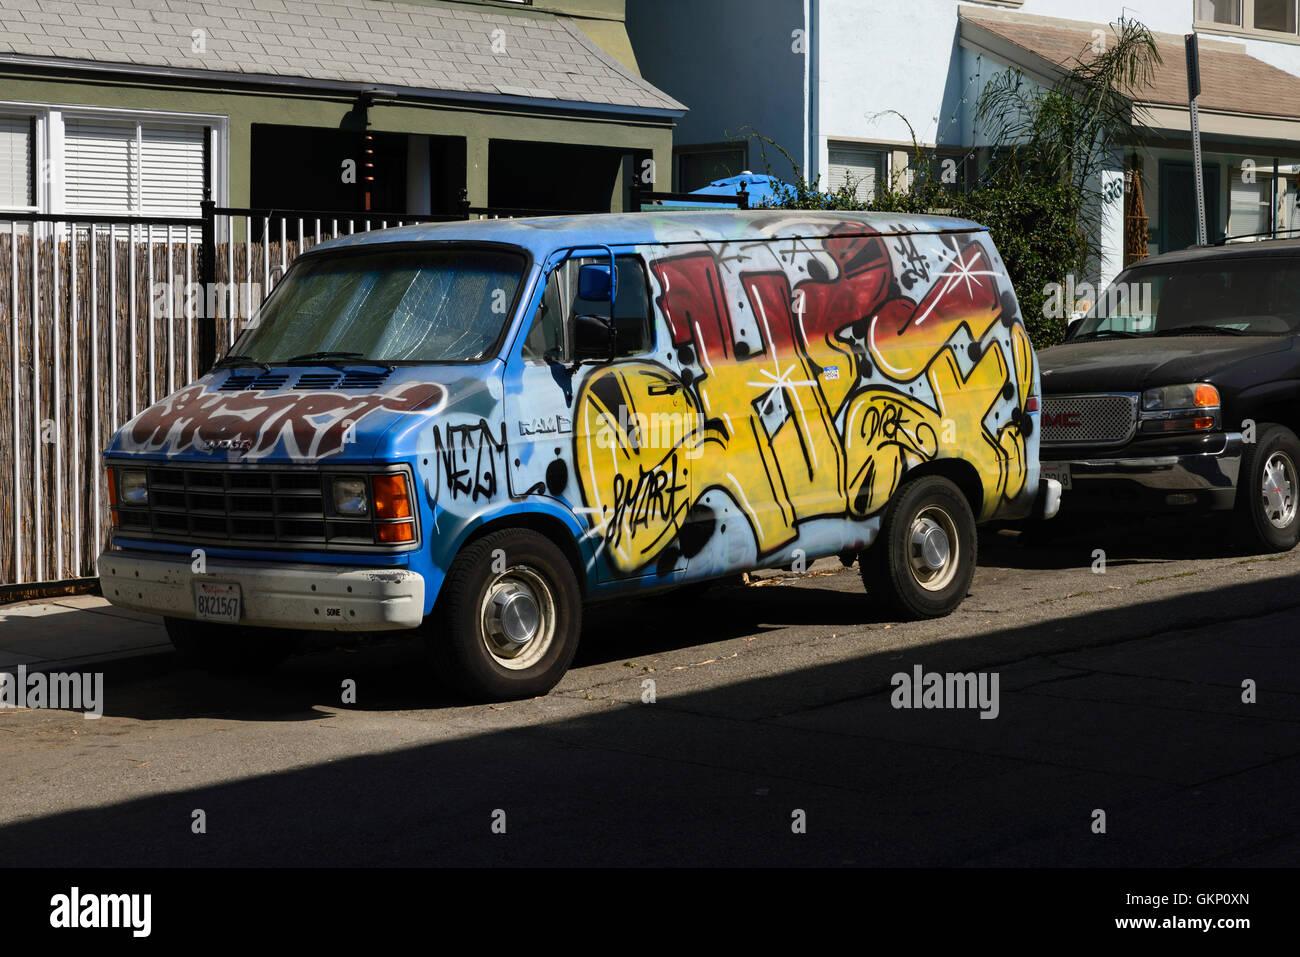 bil, graffiti, väg, hus, vägkant, sol, semester, gammal, klassiker, van, Los Angeles, Venice beach, Californien, - Stock Image